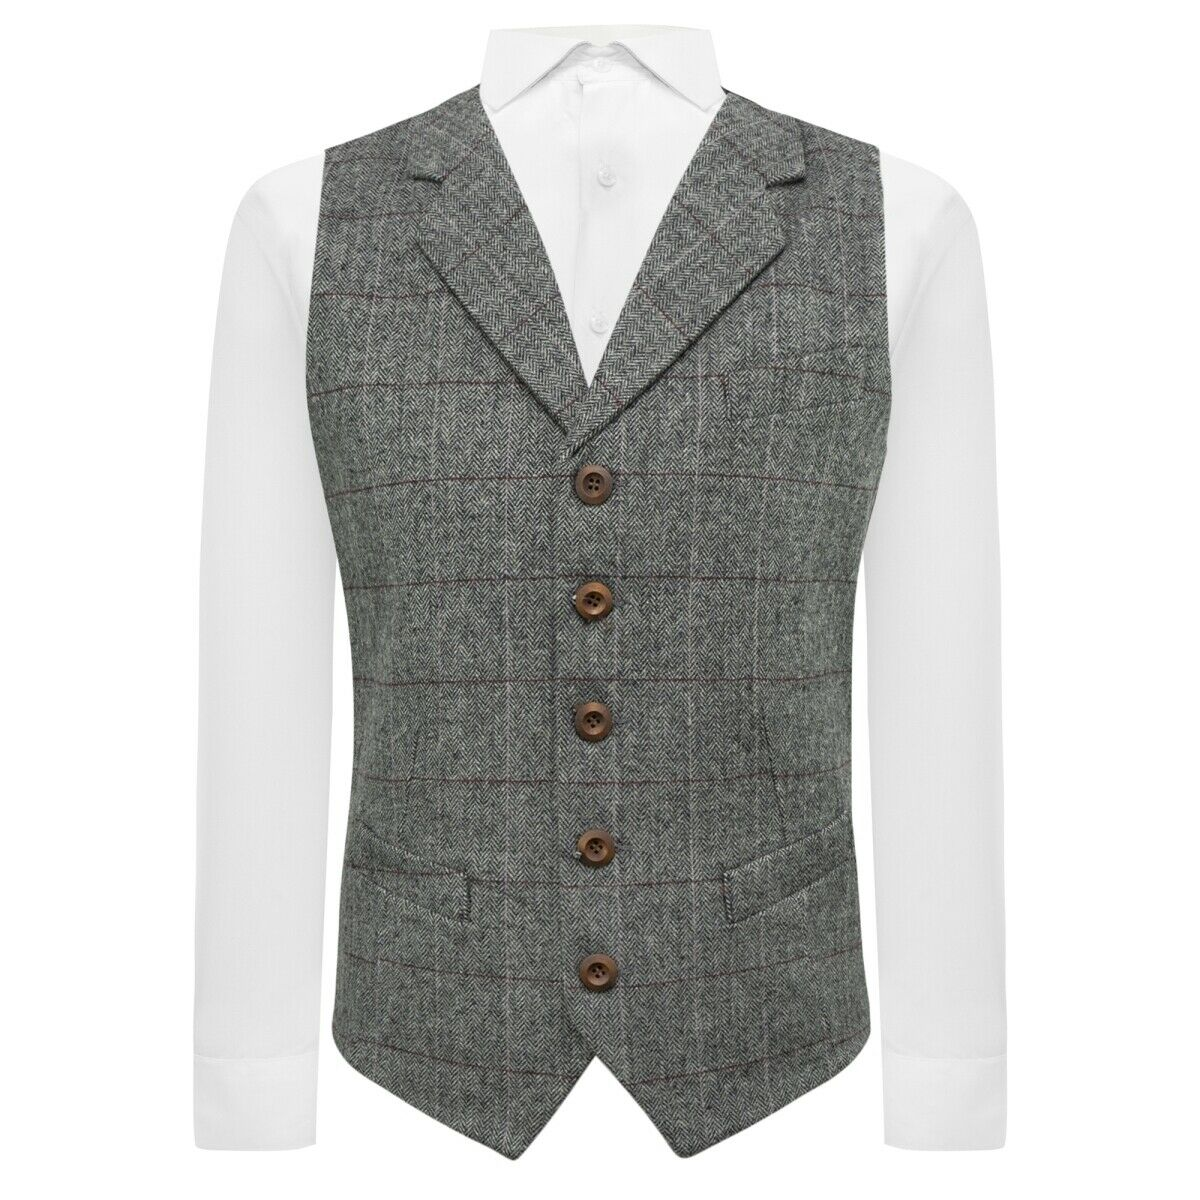 Luxury Herringbone Pewter Grey Waistcoat with Lapel, Tweed, Tailored Fit